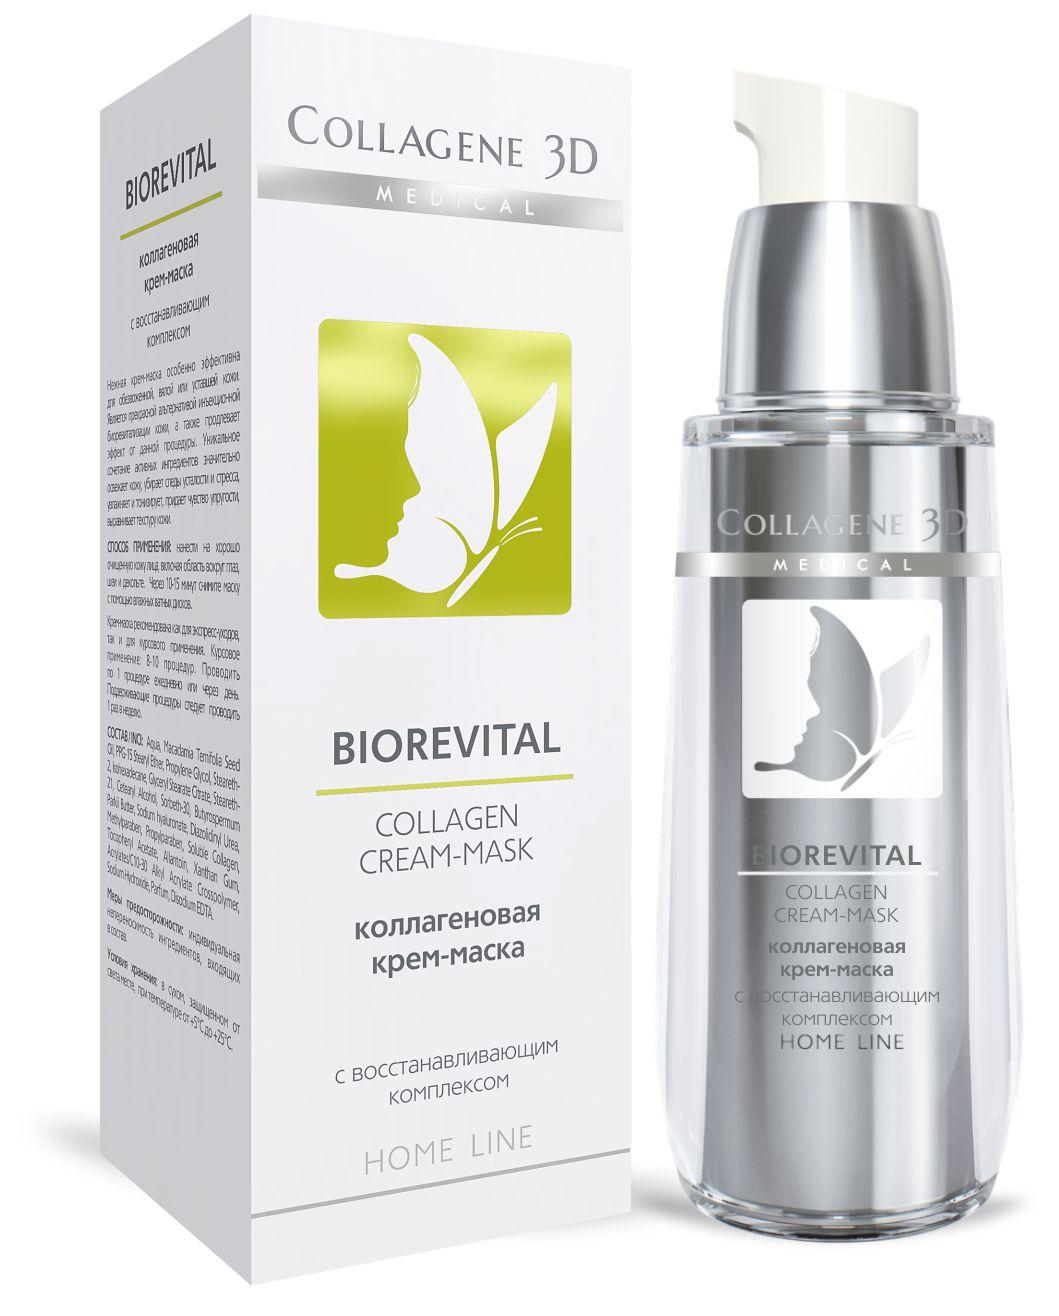 MEDICAL COLLAGENE 3D Крем-маска для лица / BIOREVITAL 30млКремы<br>Нежная крем-маска особенно эффективна для обезвоженной, девитализириванной или уставшей кожи. Является прекрасной альтернативой инъекционной биоревитализации кожи, а также продлевает эффект от данной процедуры. Уникальное сочетание активных ингредиентов значительно освежает кожу, убирает следы усталости и стресса, увлажняет и тонизирует, придает чувство упругости, выравнивает текстуру кожи. Способ применения: нанести на хорошо очищенную кожу лица, включая область вокруг глаз, шеи и декольте. Через 10-15 минут снять маску с помощью влажных ватных дисков. Крем-маска рекомендована как для экспресс-уходов, так и для курсового применения. Курсовое применение: 8-10 процедур. Проводить по 1 процедуре ежедневно или через день. Поддерживающие процедуры следует проводить 1 раз в неделю. Активные ингредиенты: нативный трехспиральный коллаген, витамин Е, масло карите и макадамии, мочевина, аллантоин, увлажняющие полисахариды, гиалуроновая кислота, пантенол.<br><br>Тип: Крем-маска<br>Объем: 30 мл